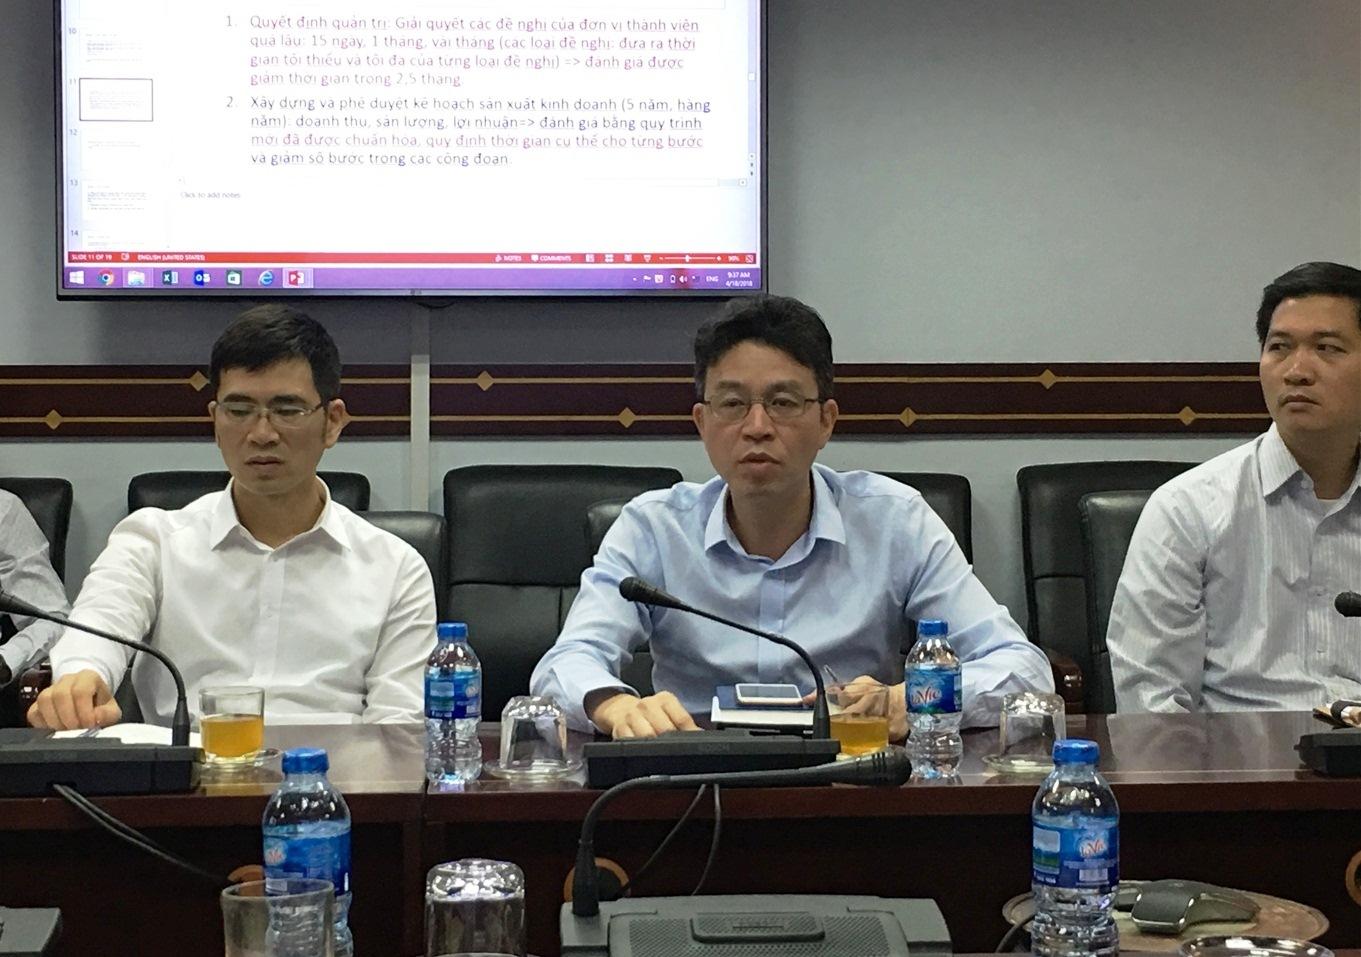 Ông Lê Anh Sơn- Chủ tịch Hội đồng thành viên Vinalines trao đổi tại buổi làm việc